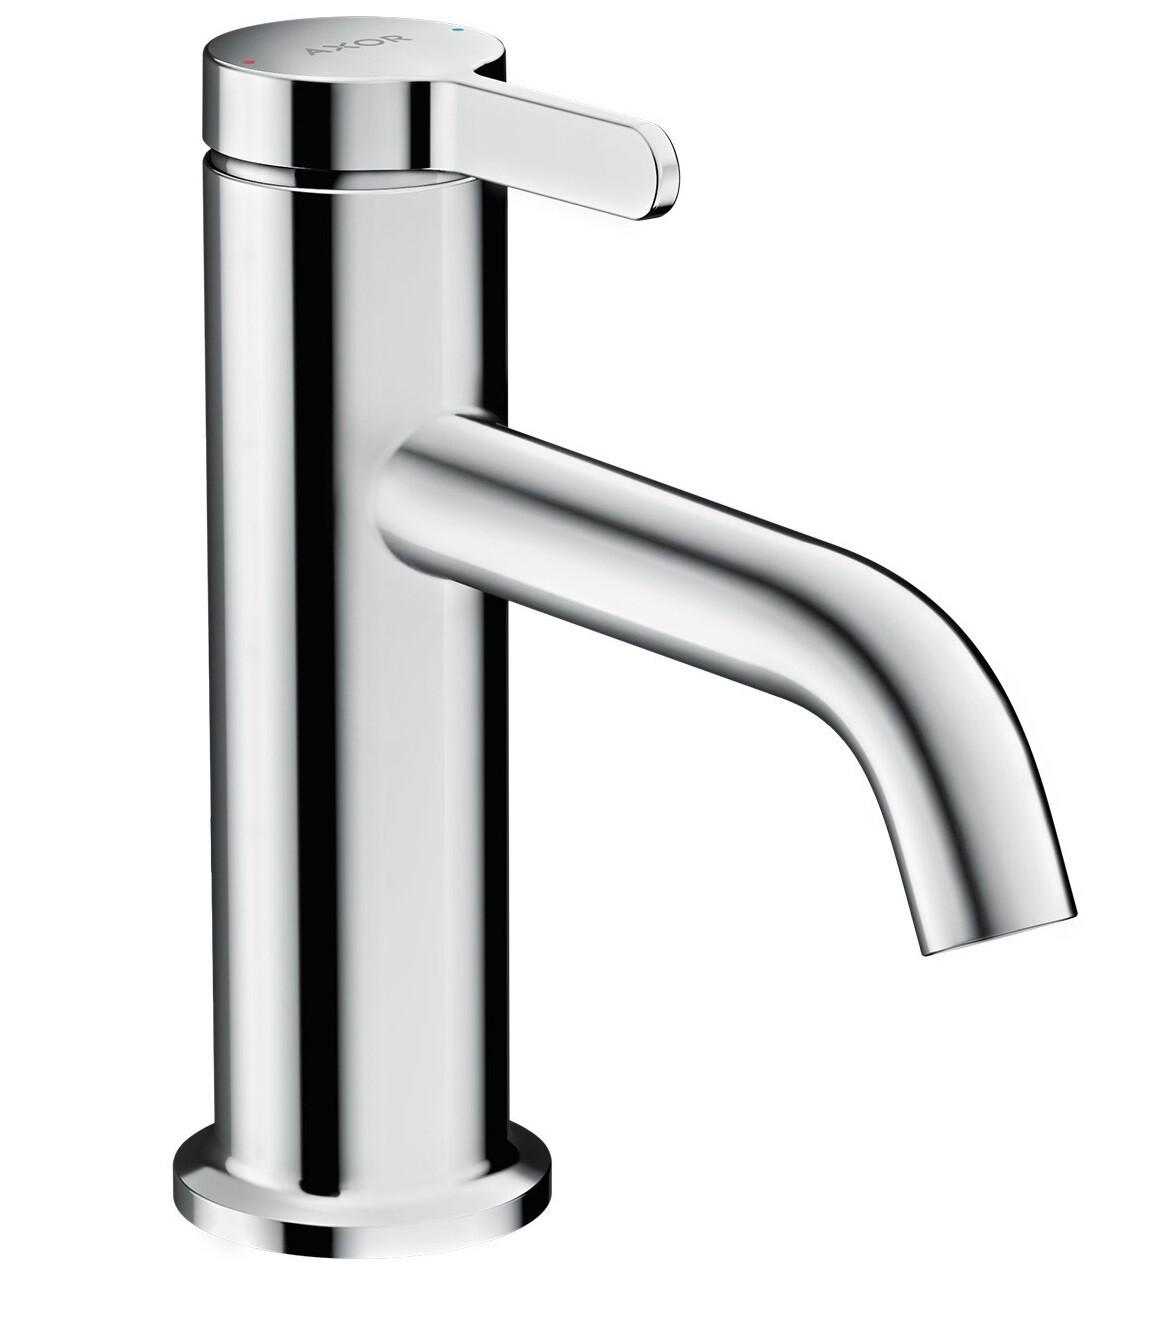 Mitigeur de lavabo AXOR One 70 avec bonde à écoulement libre